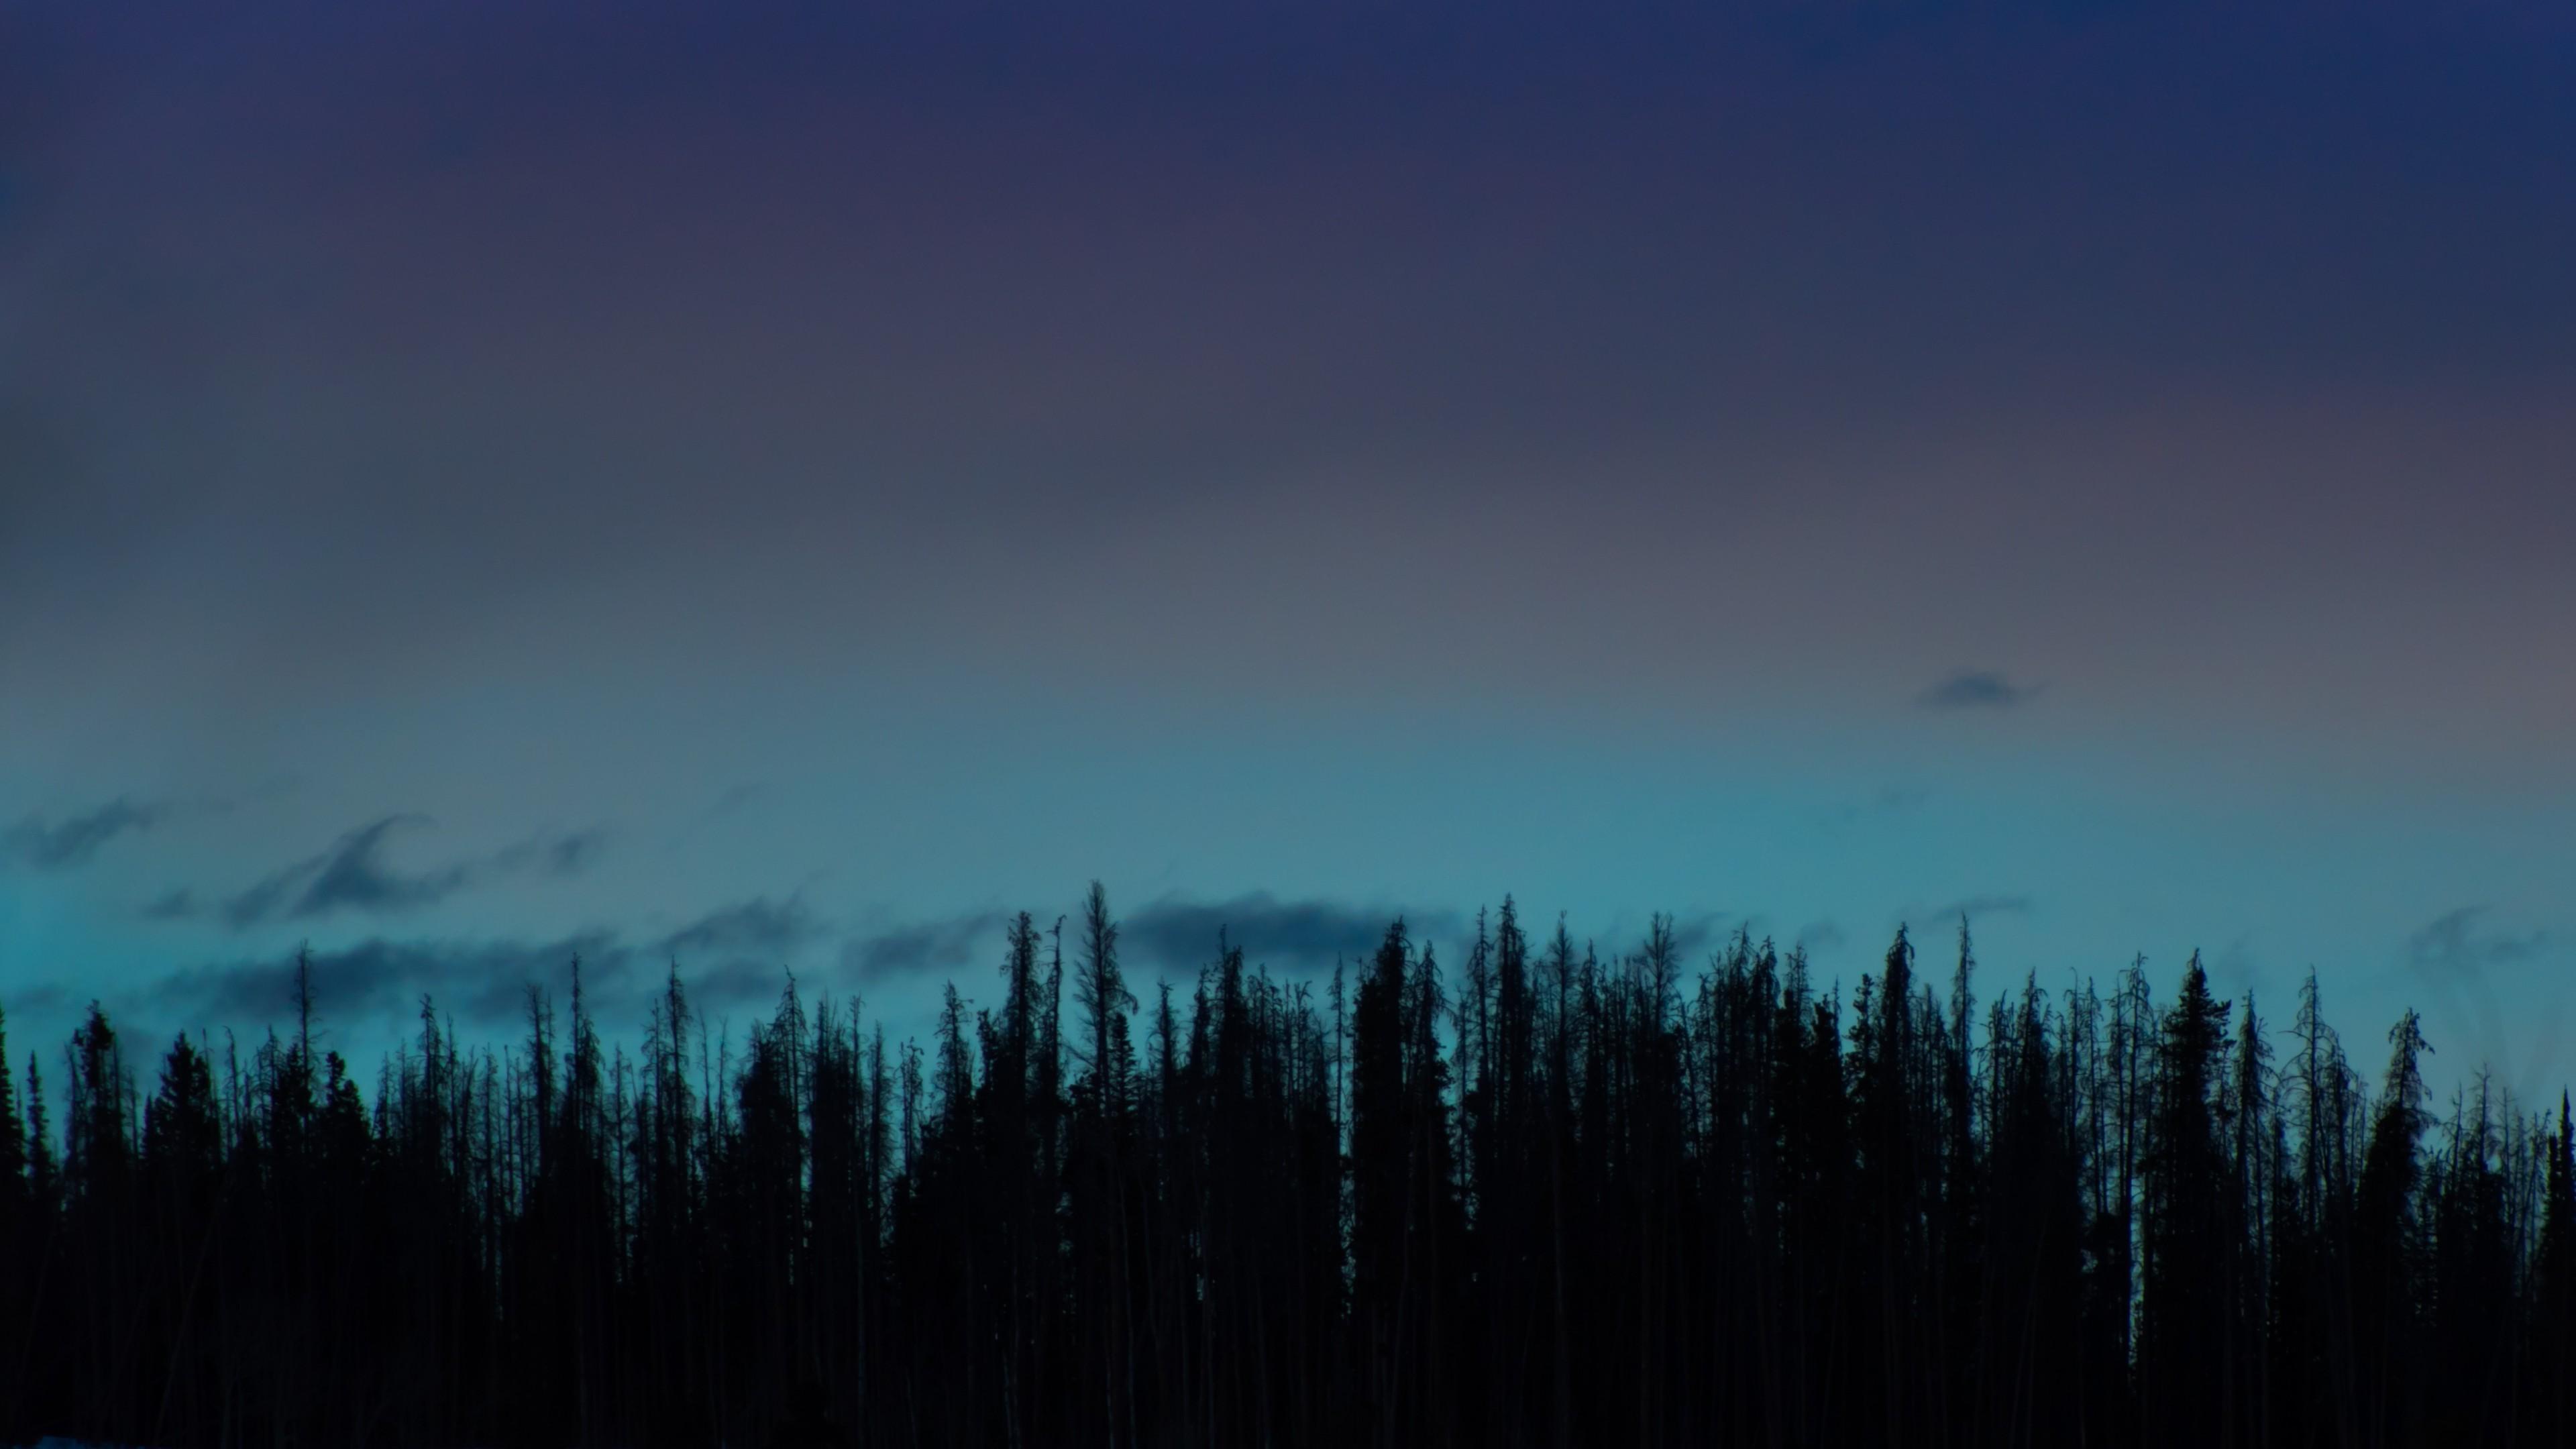 Wallpaper trees, night, sky